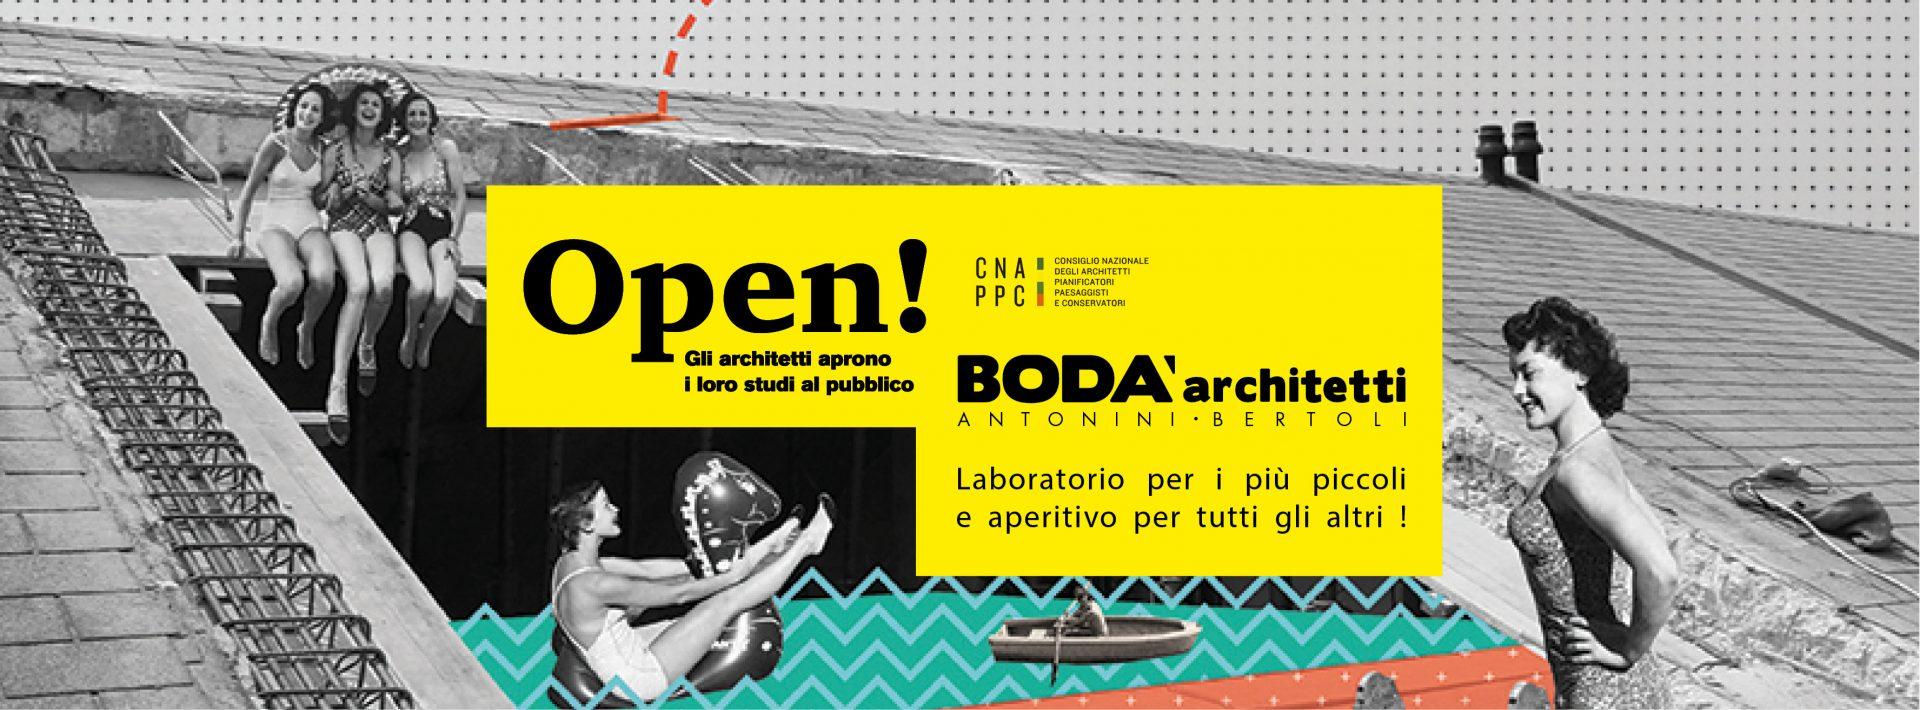 Locandina evento Bodà Architetti Studi Aperti 2019